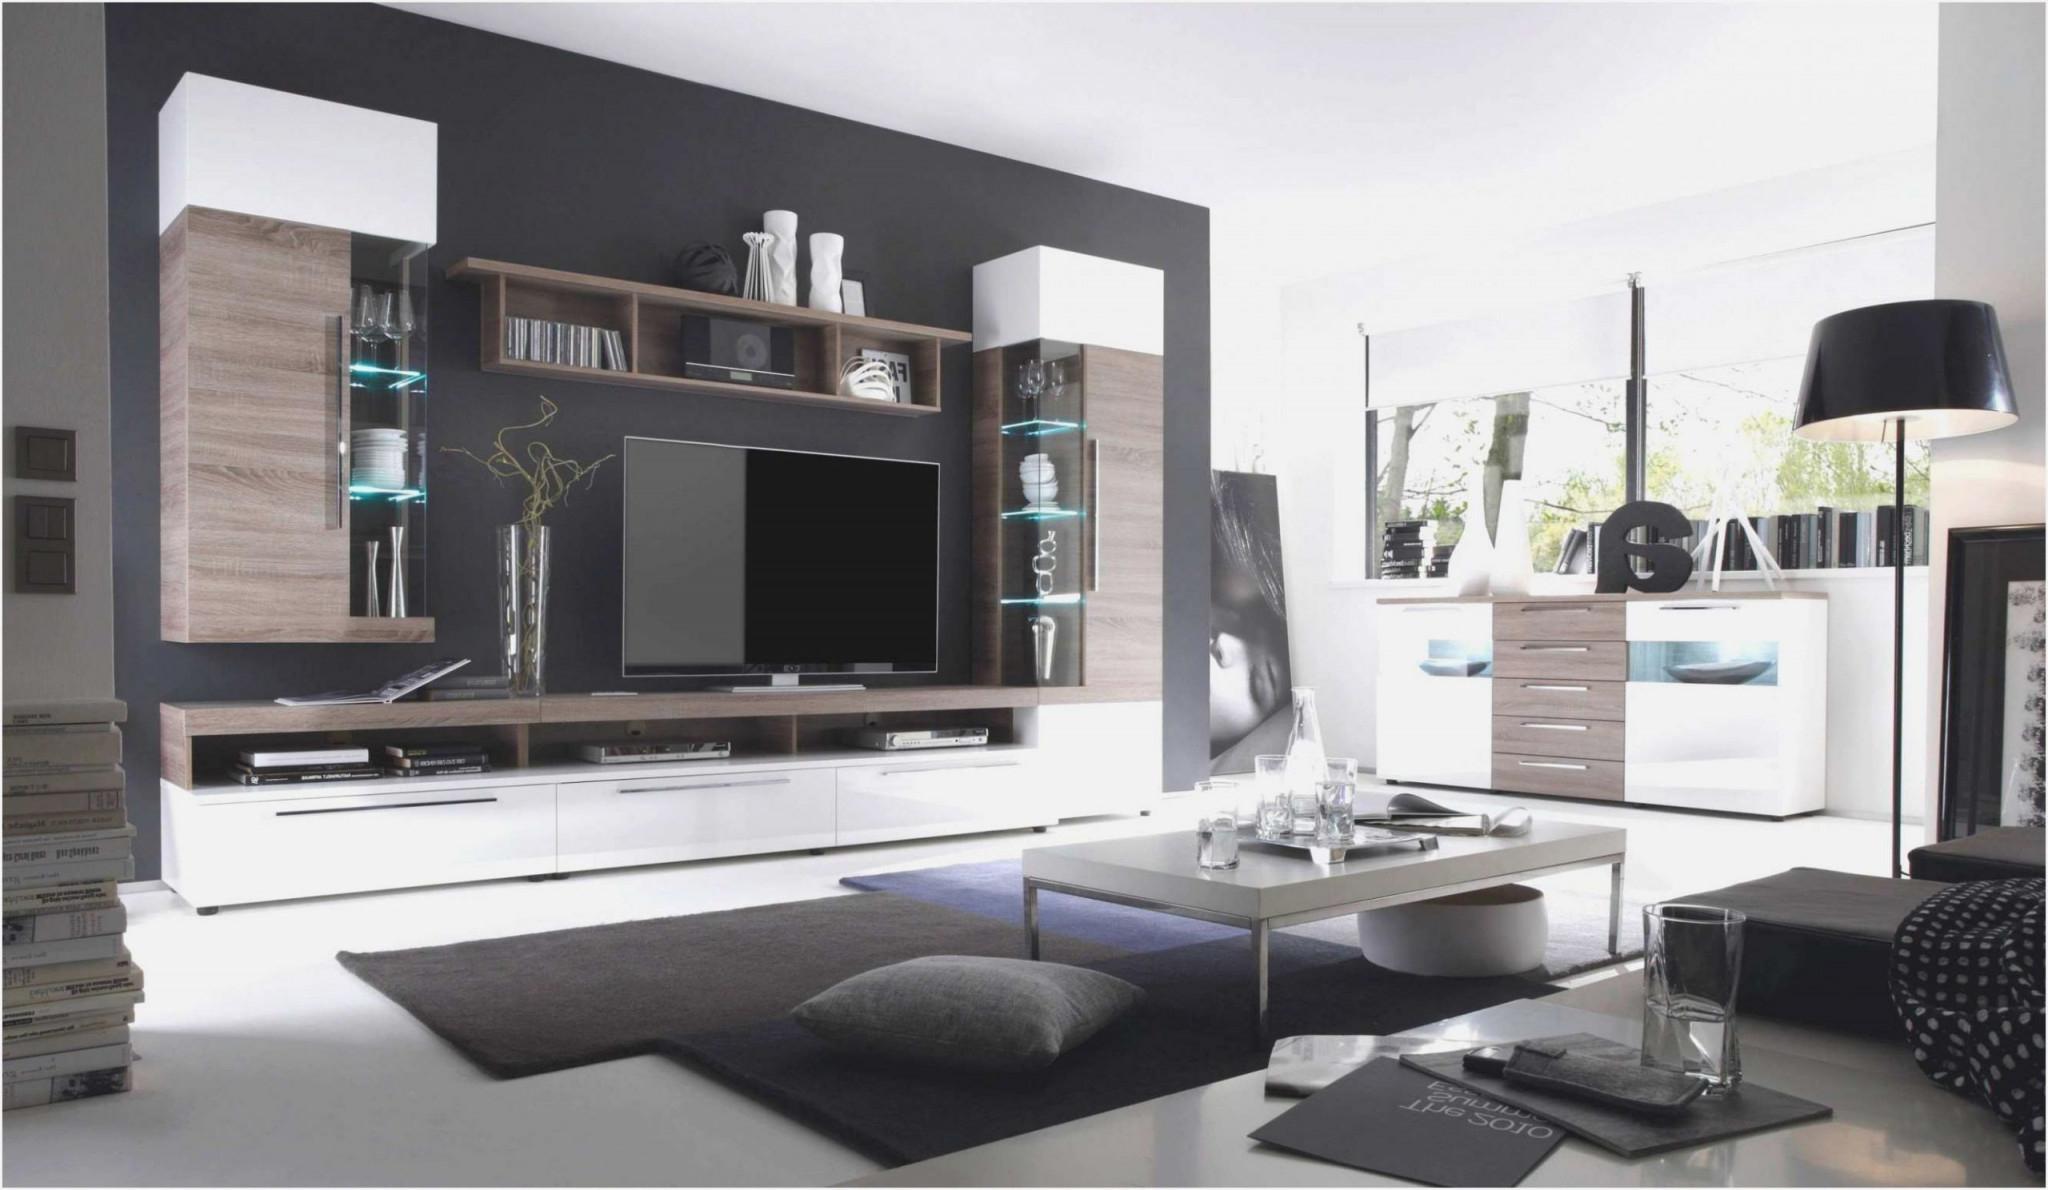 Moderne Bilder Wohnzimmer Schwarz Weiss – Caseconrad von Moderne Wandbilder Wohnzimmer Bild